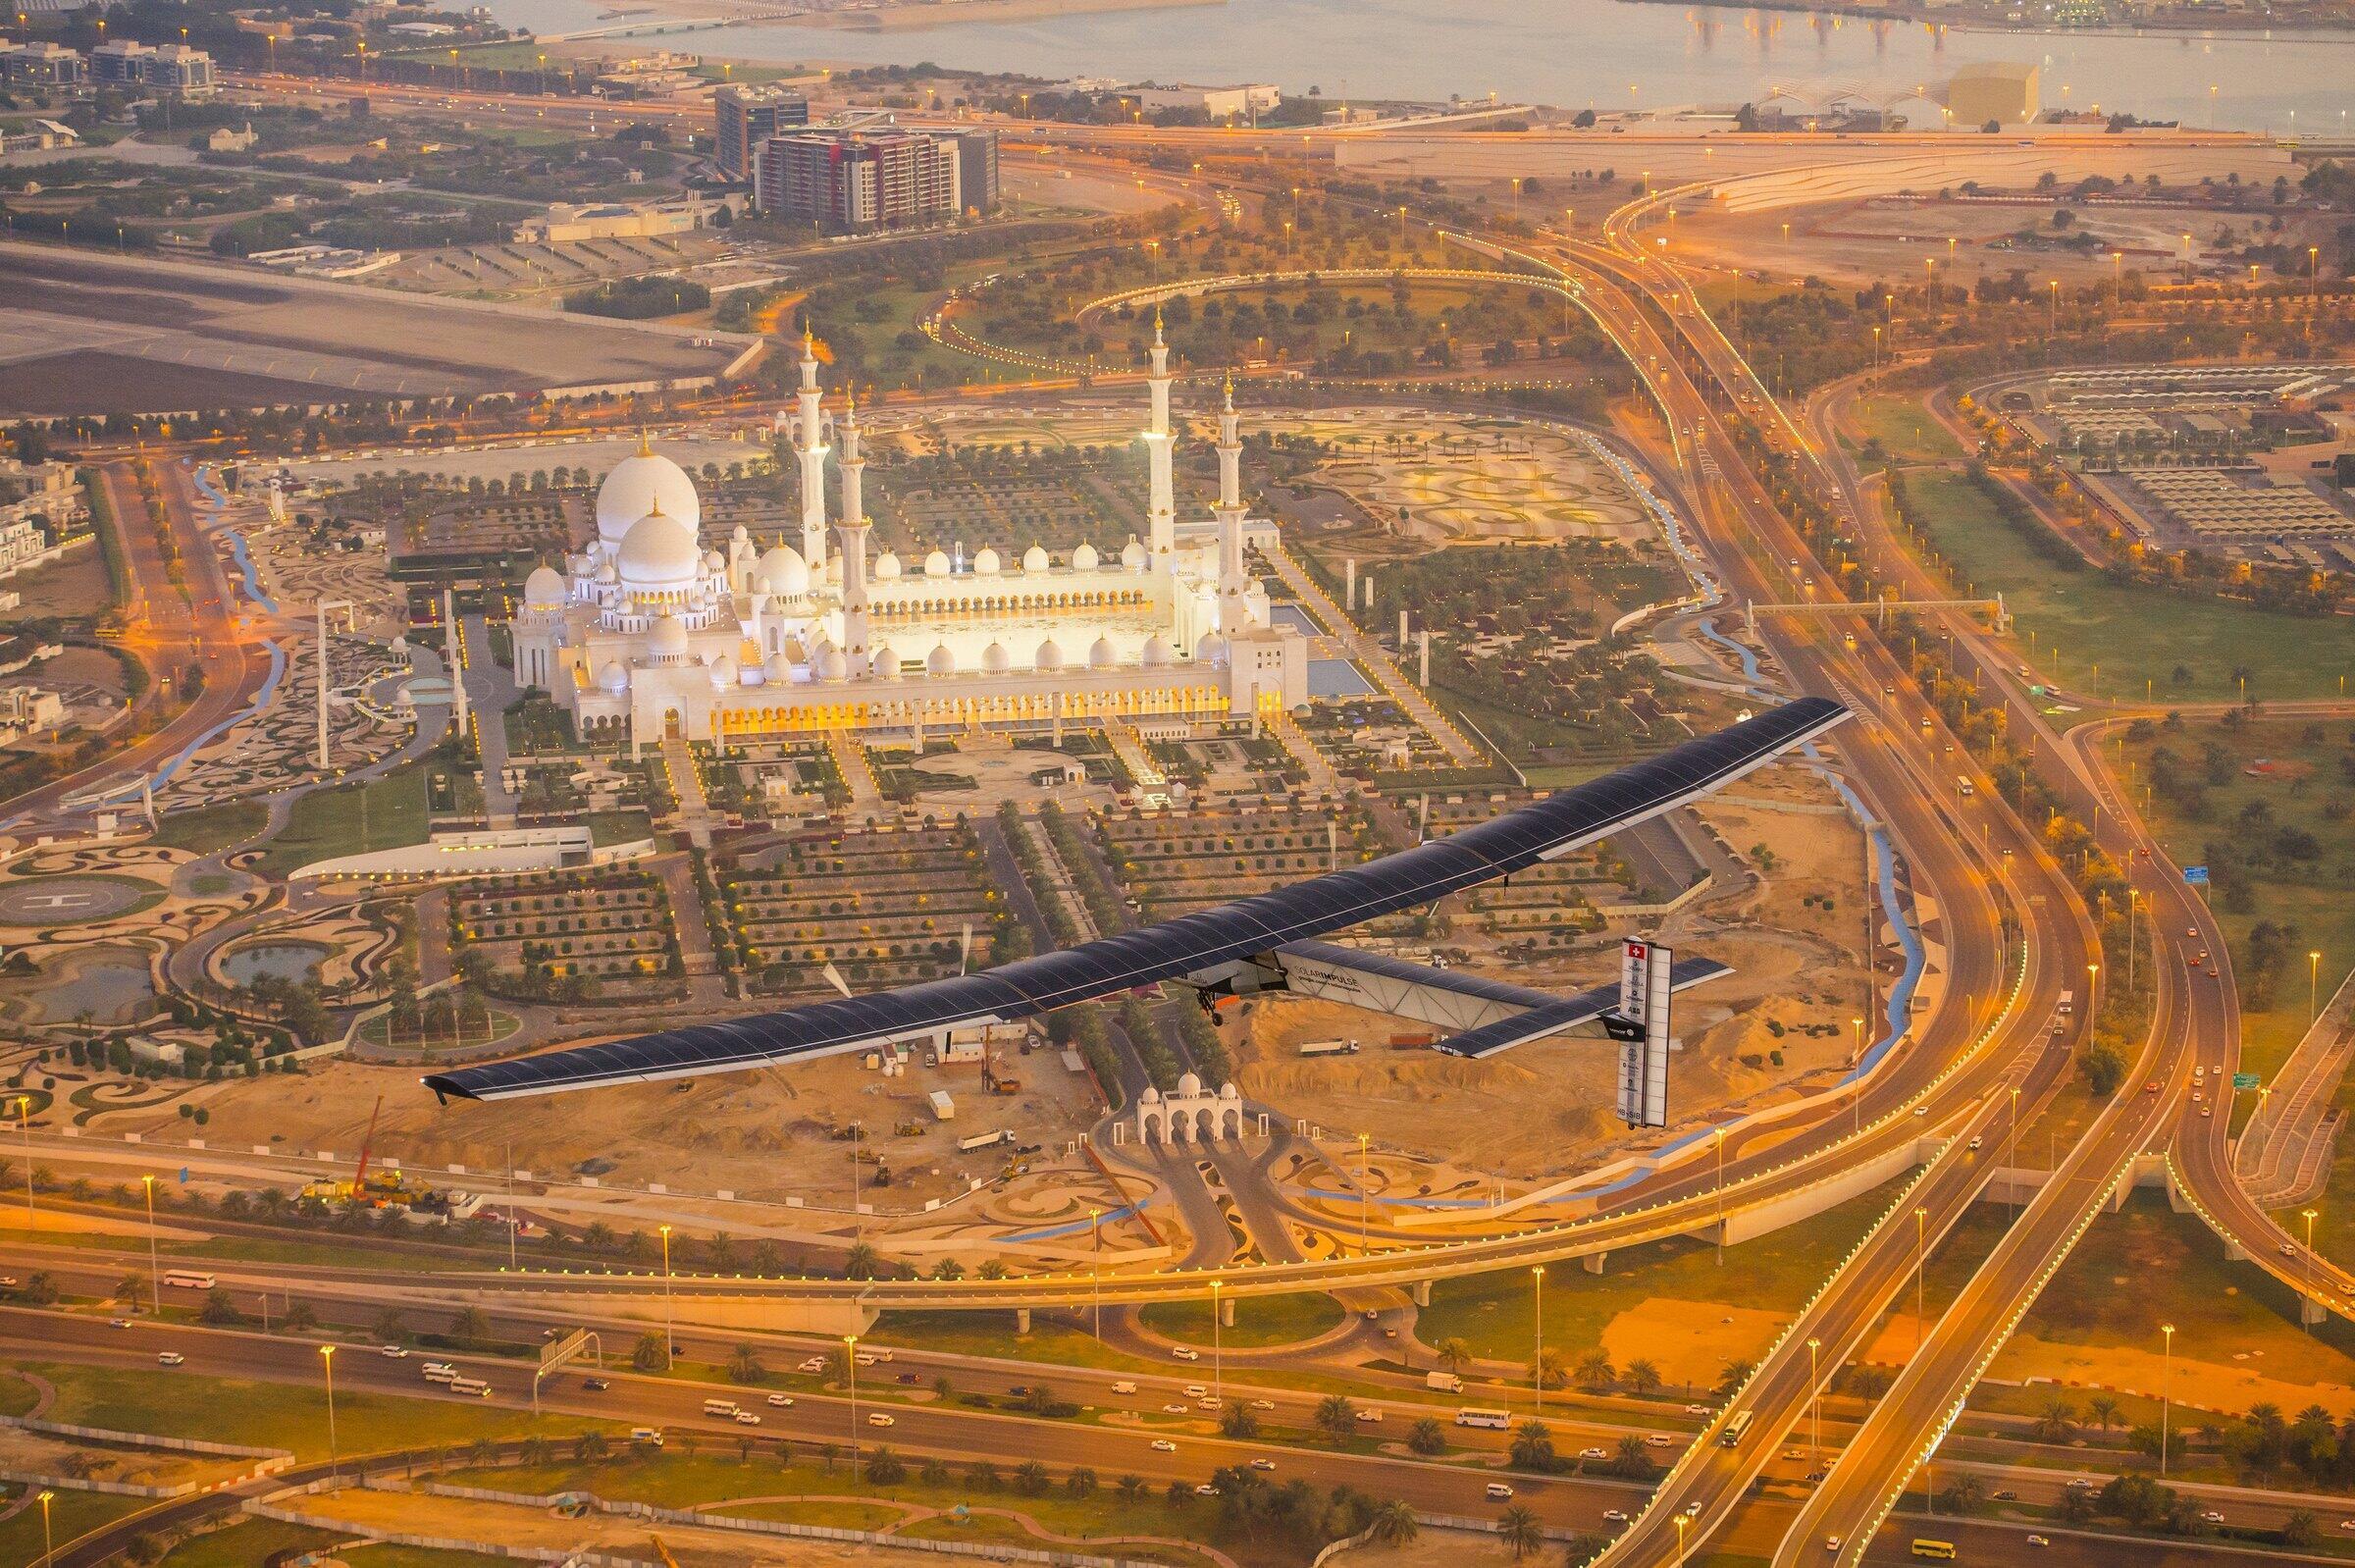 យន្តហោះ Solar Impulse 2 បើកបរសាកល្បងនៅក្រុងអាប៊ូដាប៊ី ថ្ងៃទី ២៦ កុម្ភៈ ២០១៥